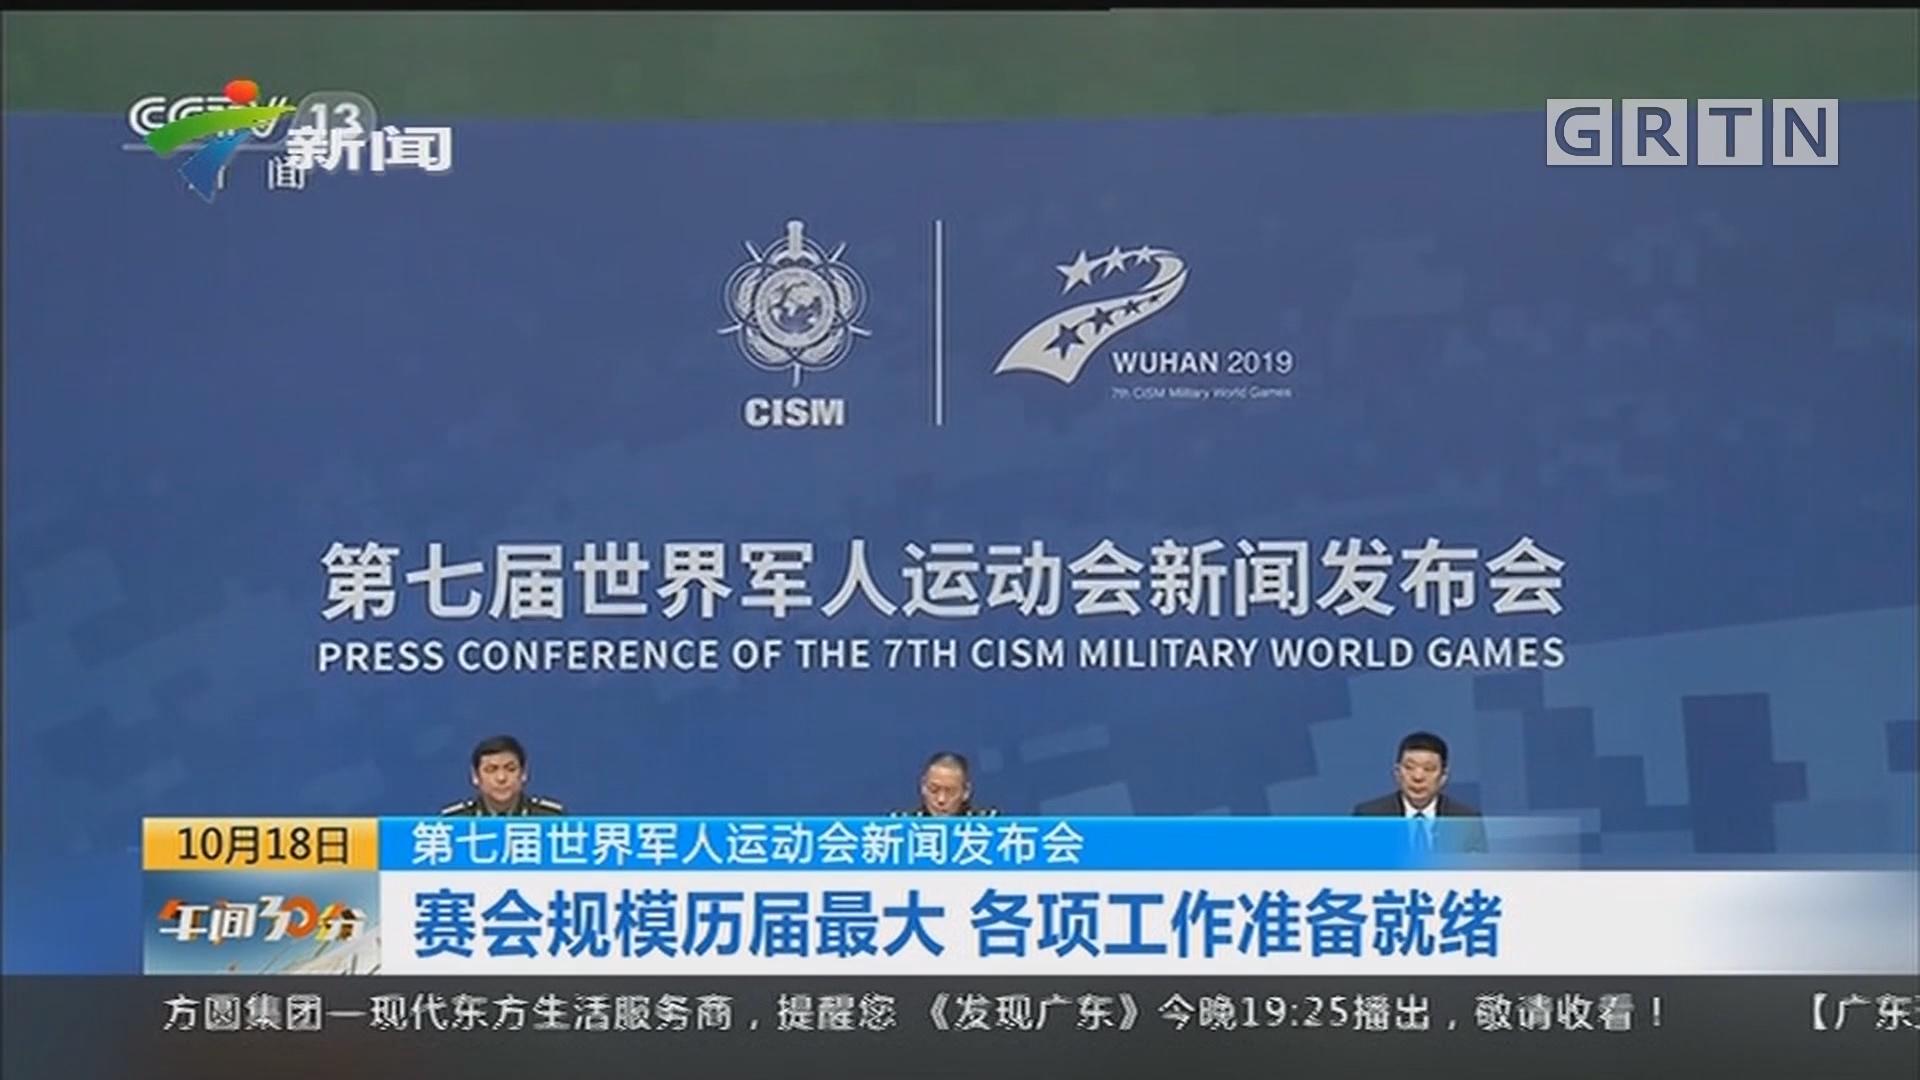 第七届世界军人运动会新闻发布会:赛会规模历届最大 各项工作准备就绪